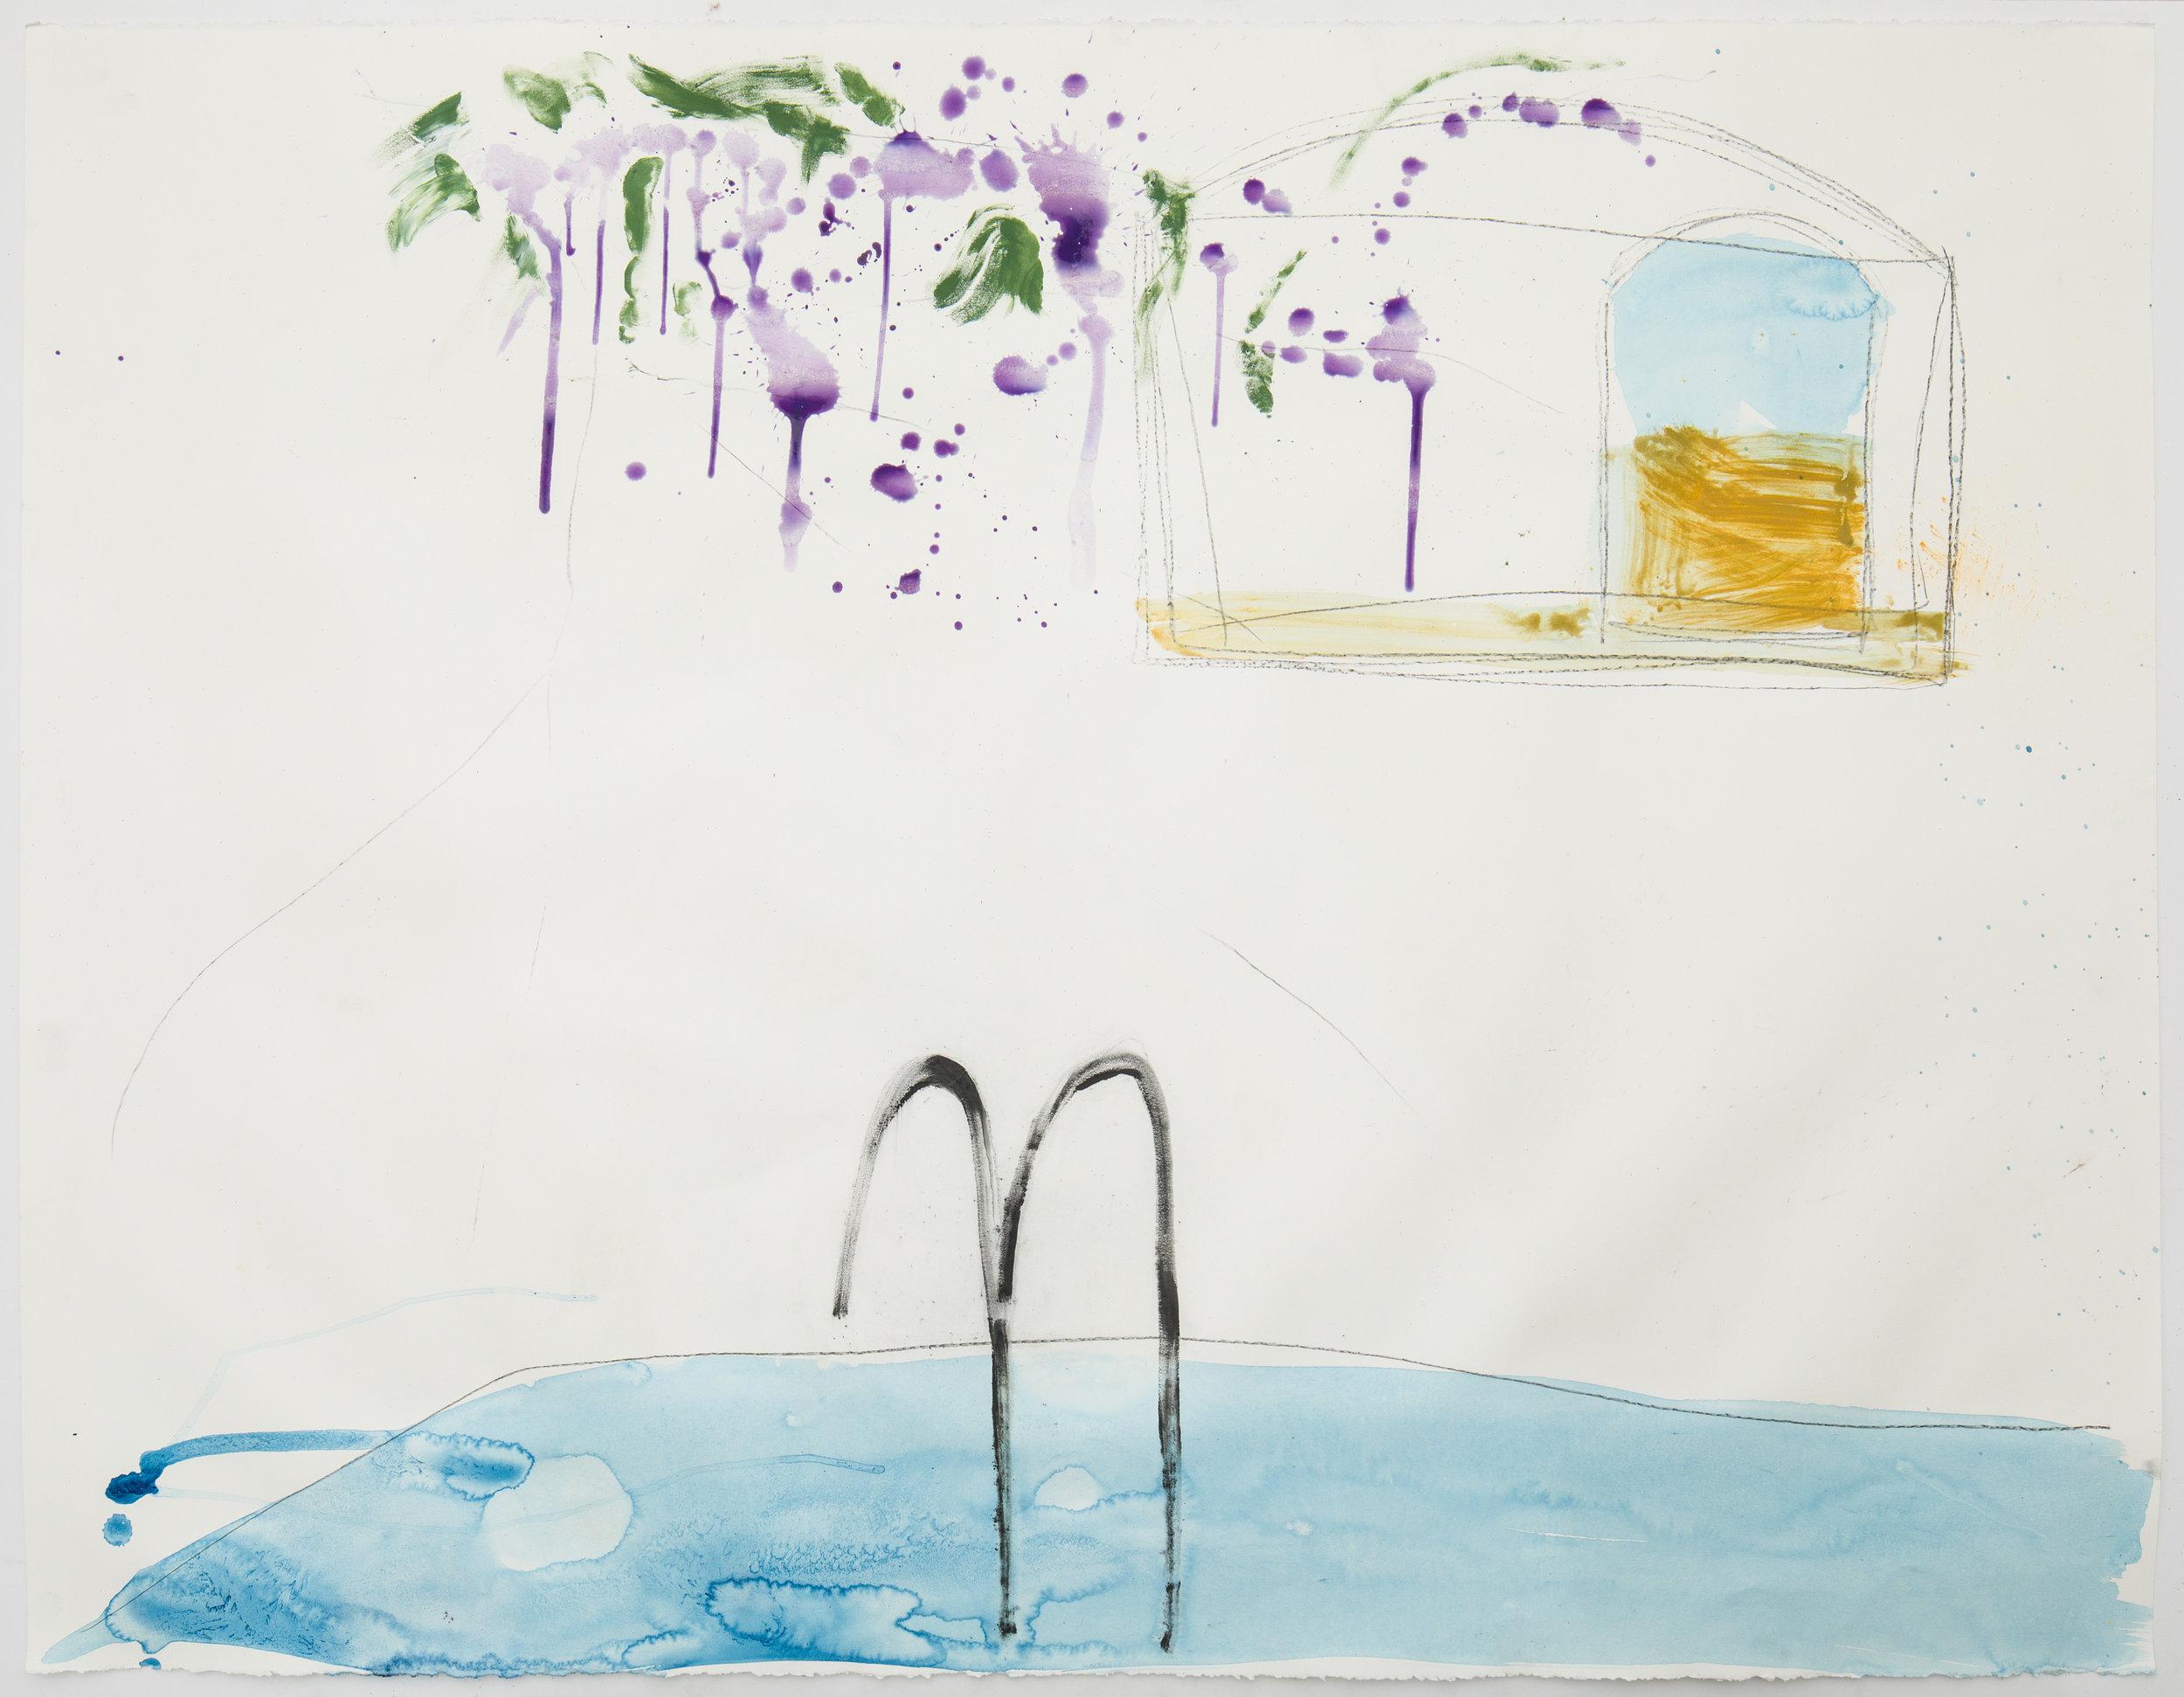 Dreamscape: Grandma's Pool